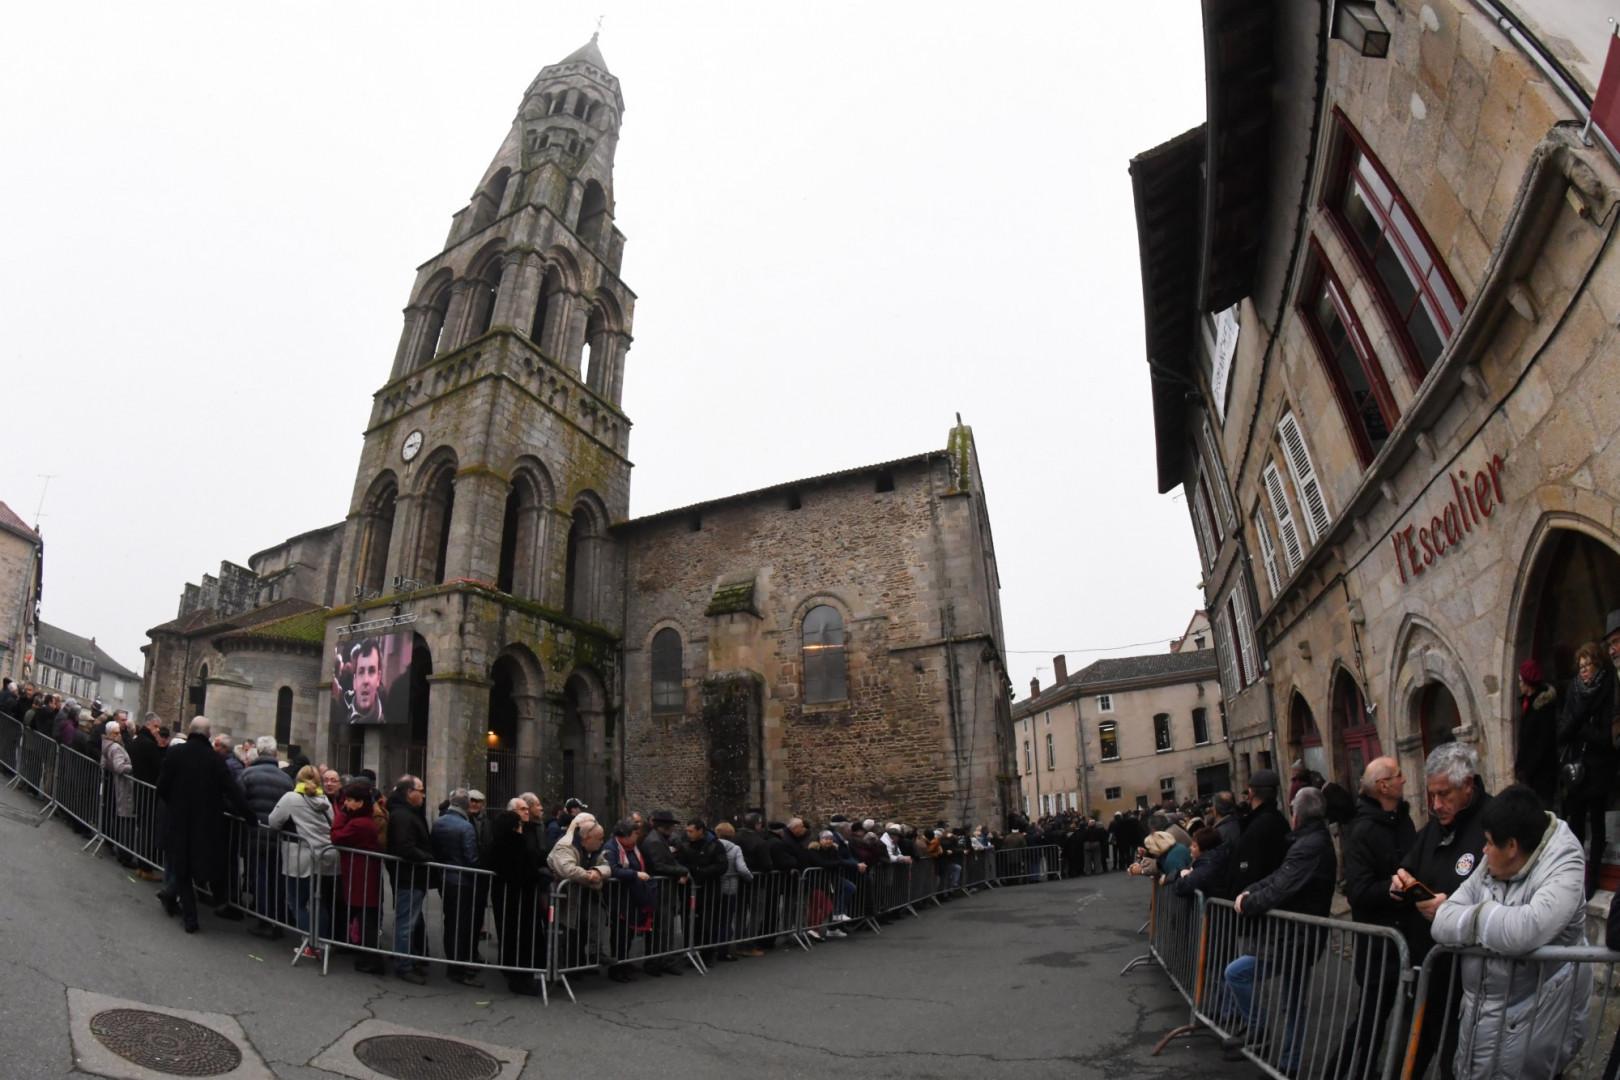 Des gens attendent en dehors de l'église où ont lieu les obsèques de Raymond Poulidor, le 19 novembre